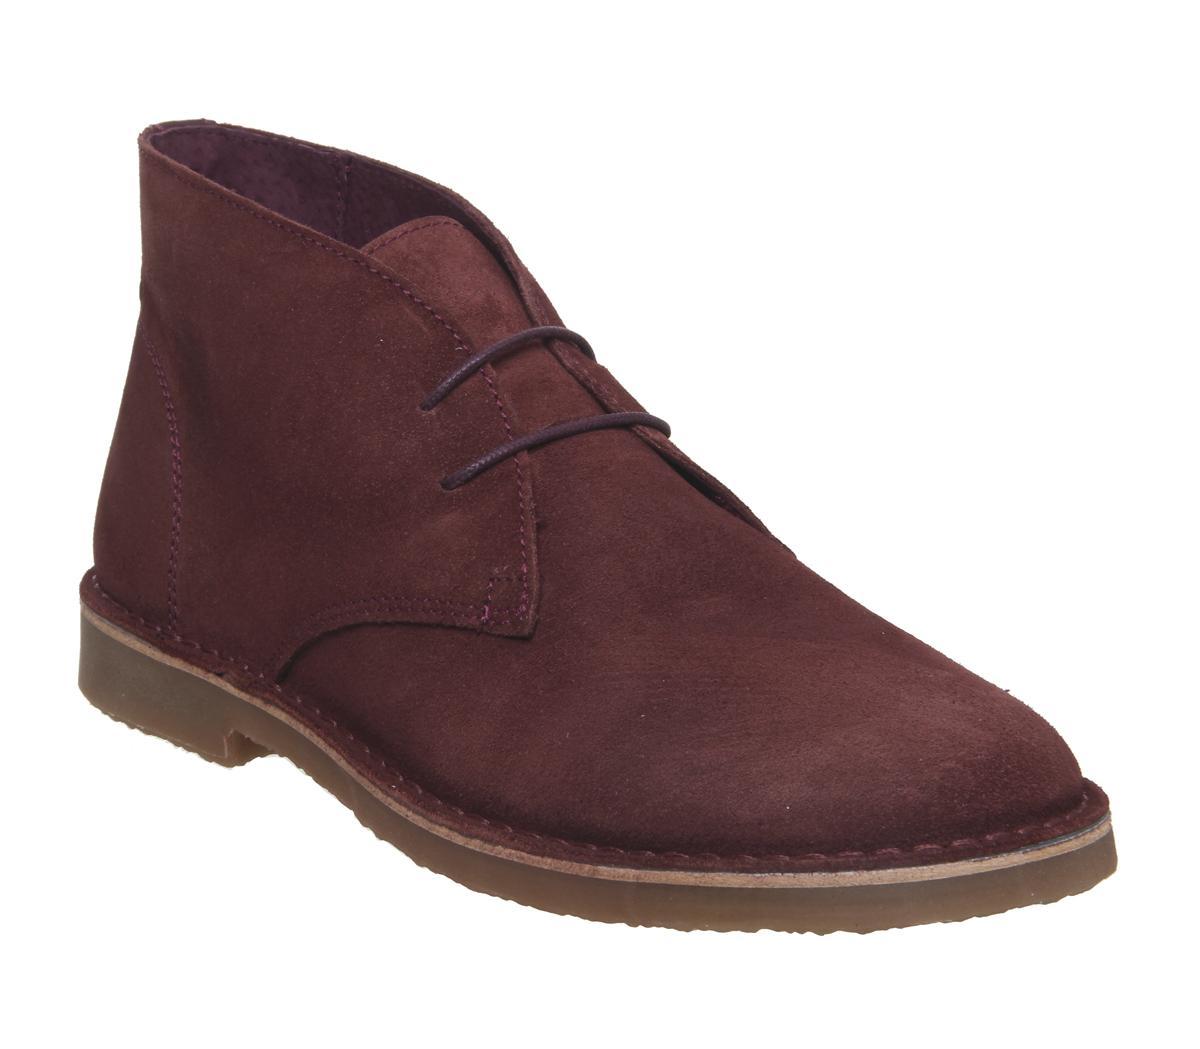 Inferno Desert Boots